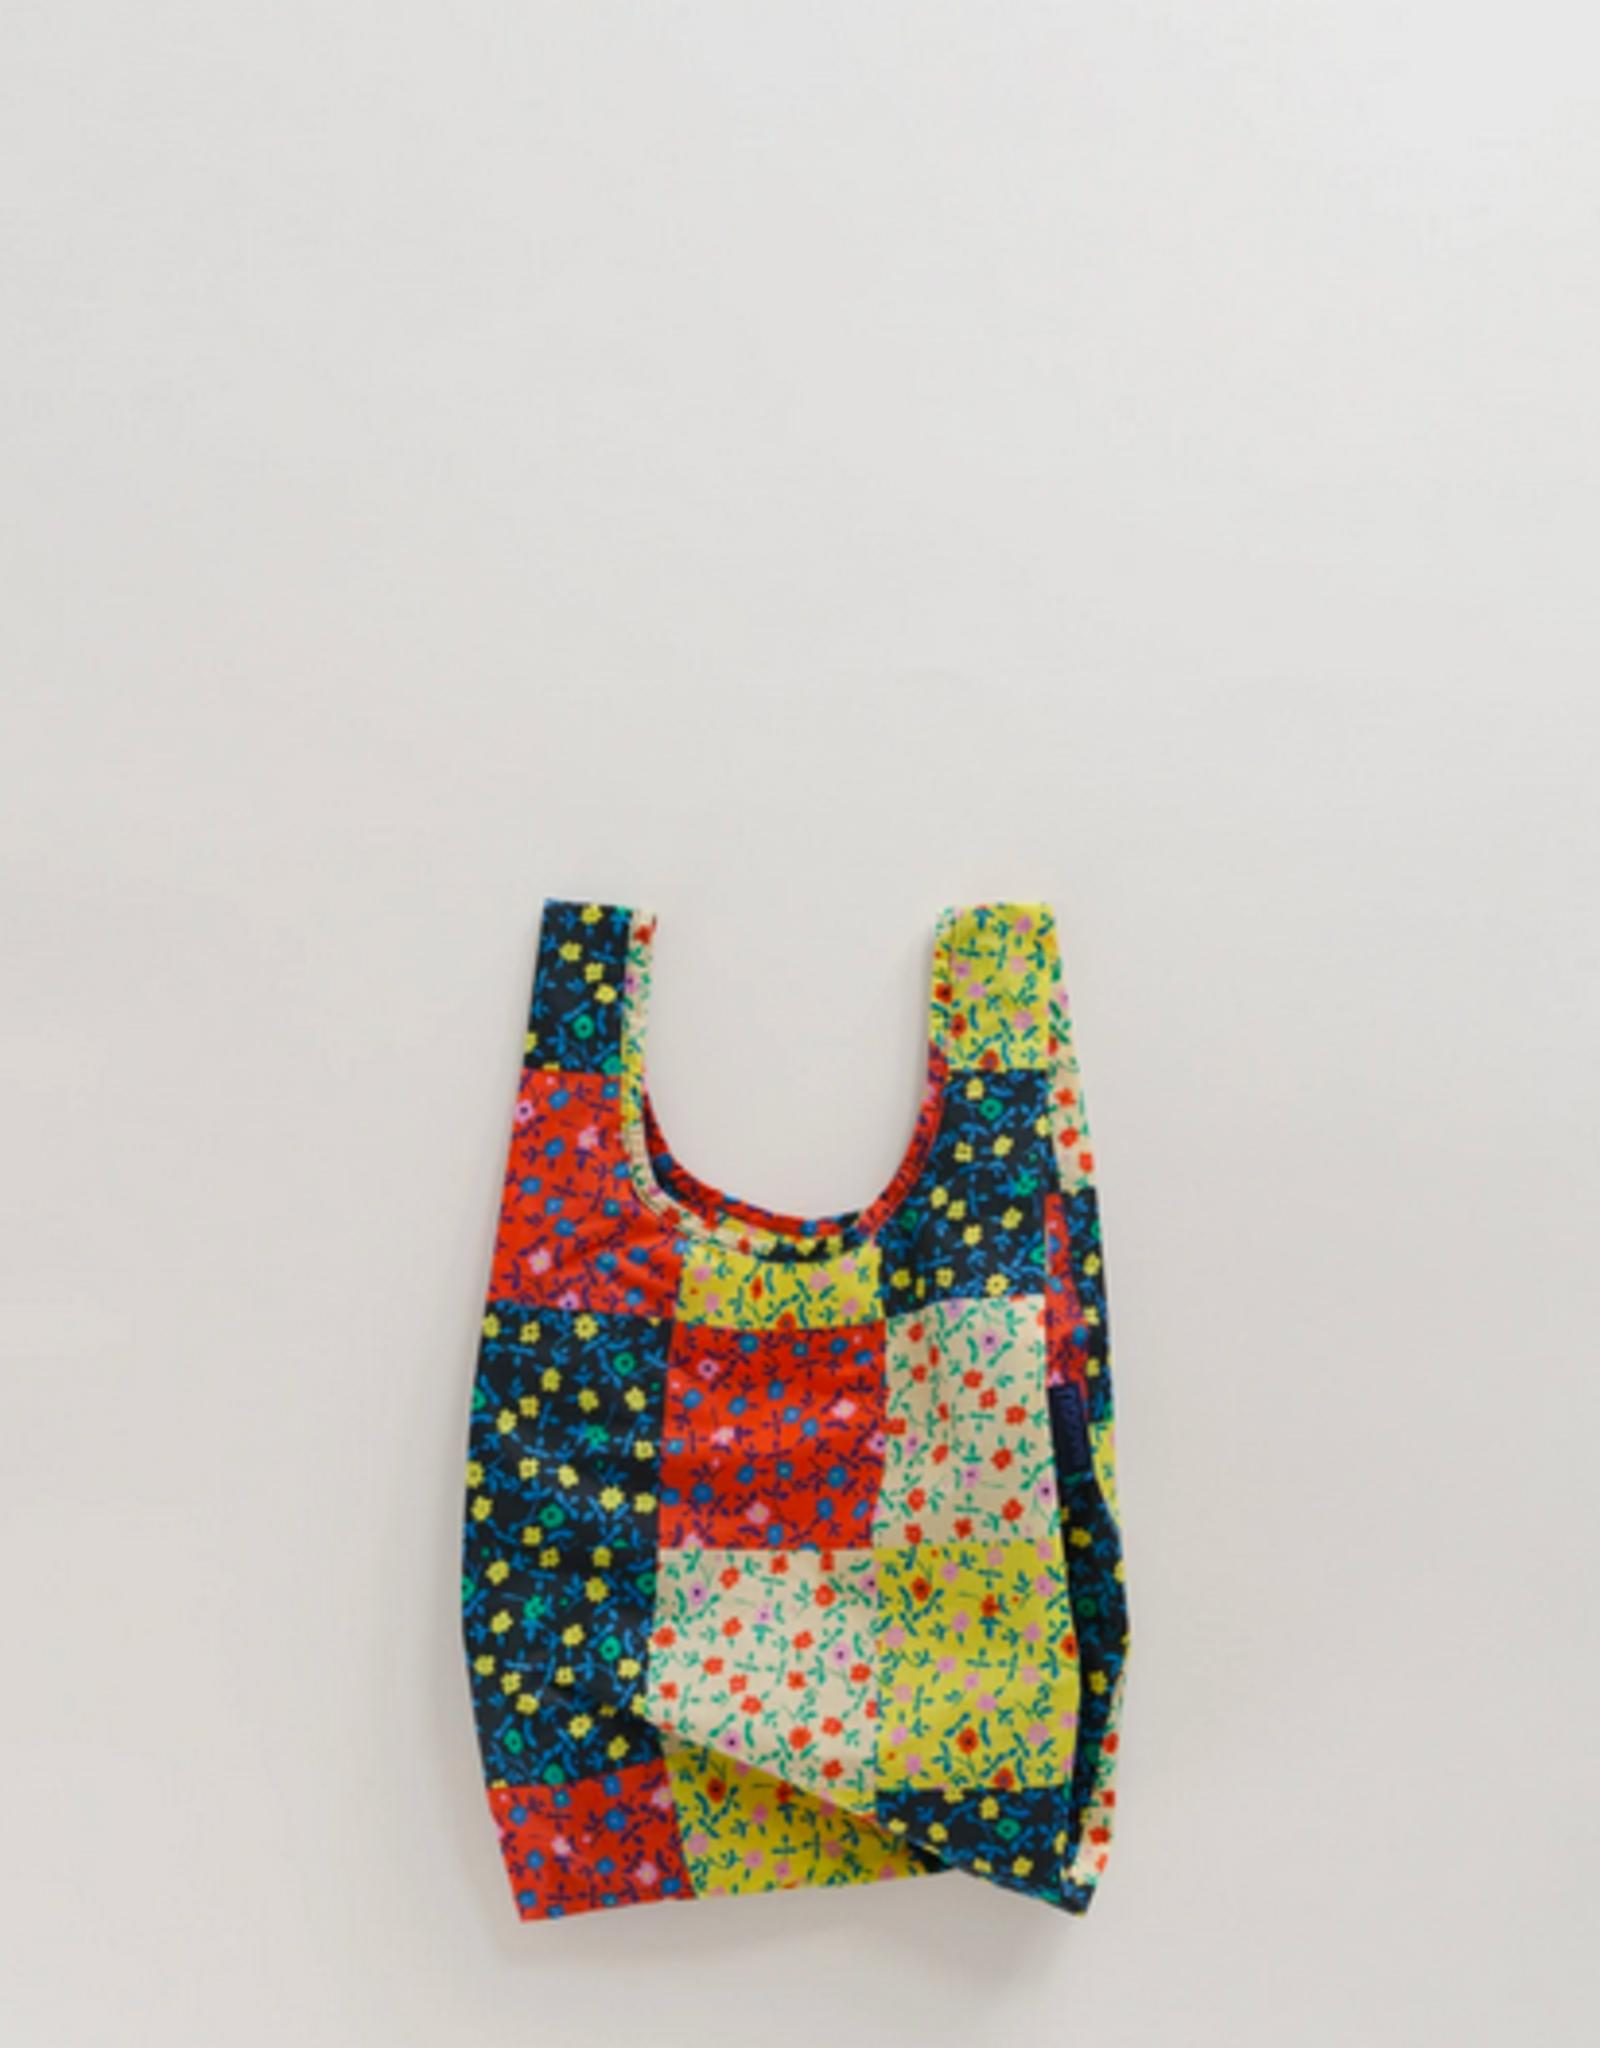 Baggu Baby reusable bag calico block